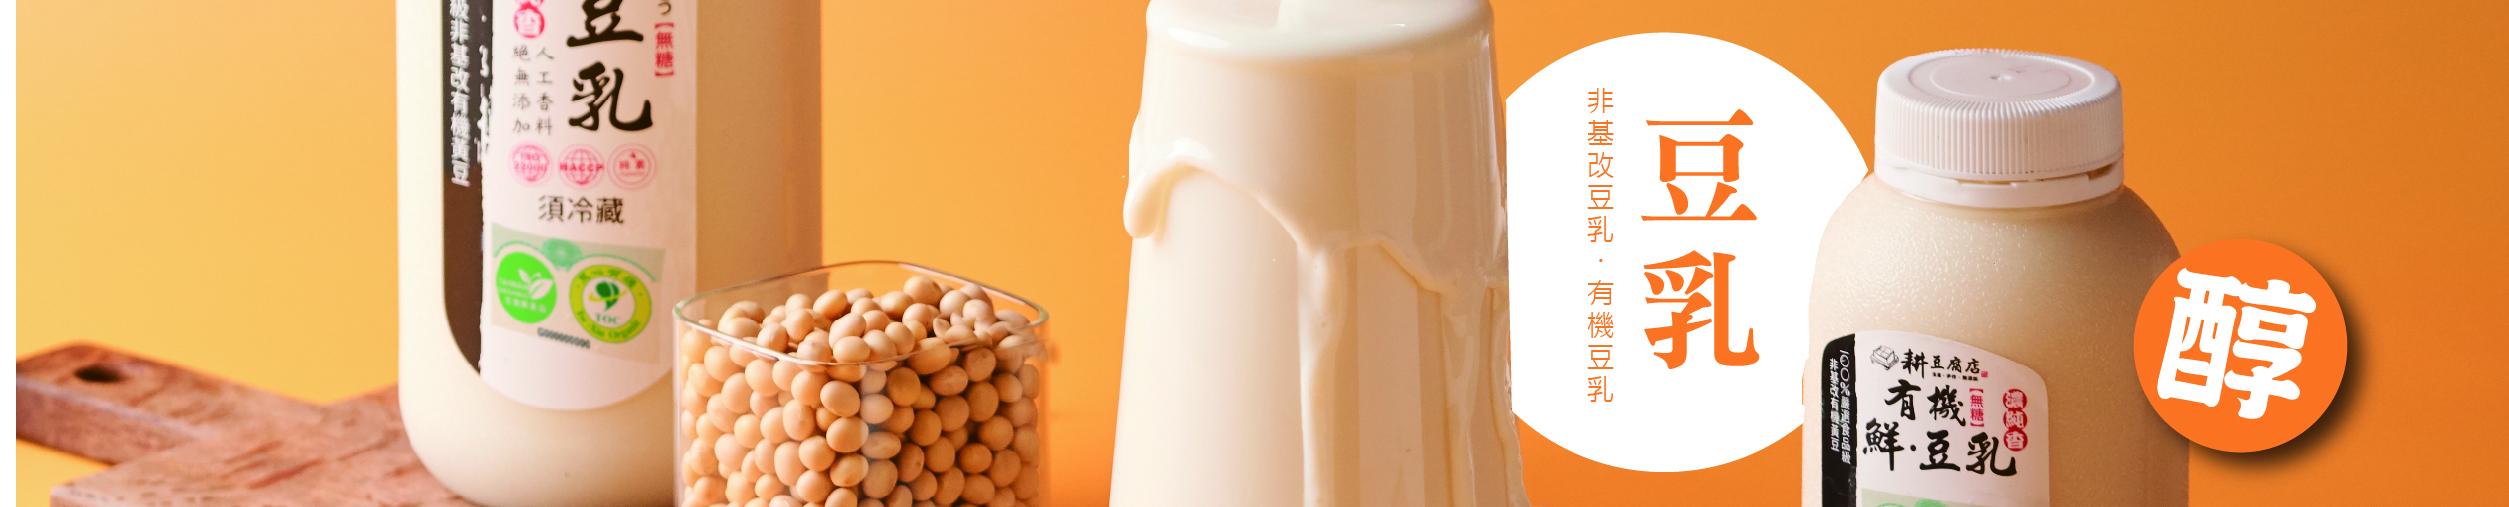 非基改豆乳,有機豆乳,有機傳統豆腐,傳統豆腐,有機,鮮豆乳,豆漿,有機豆漿,非基改豆漿